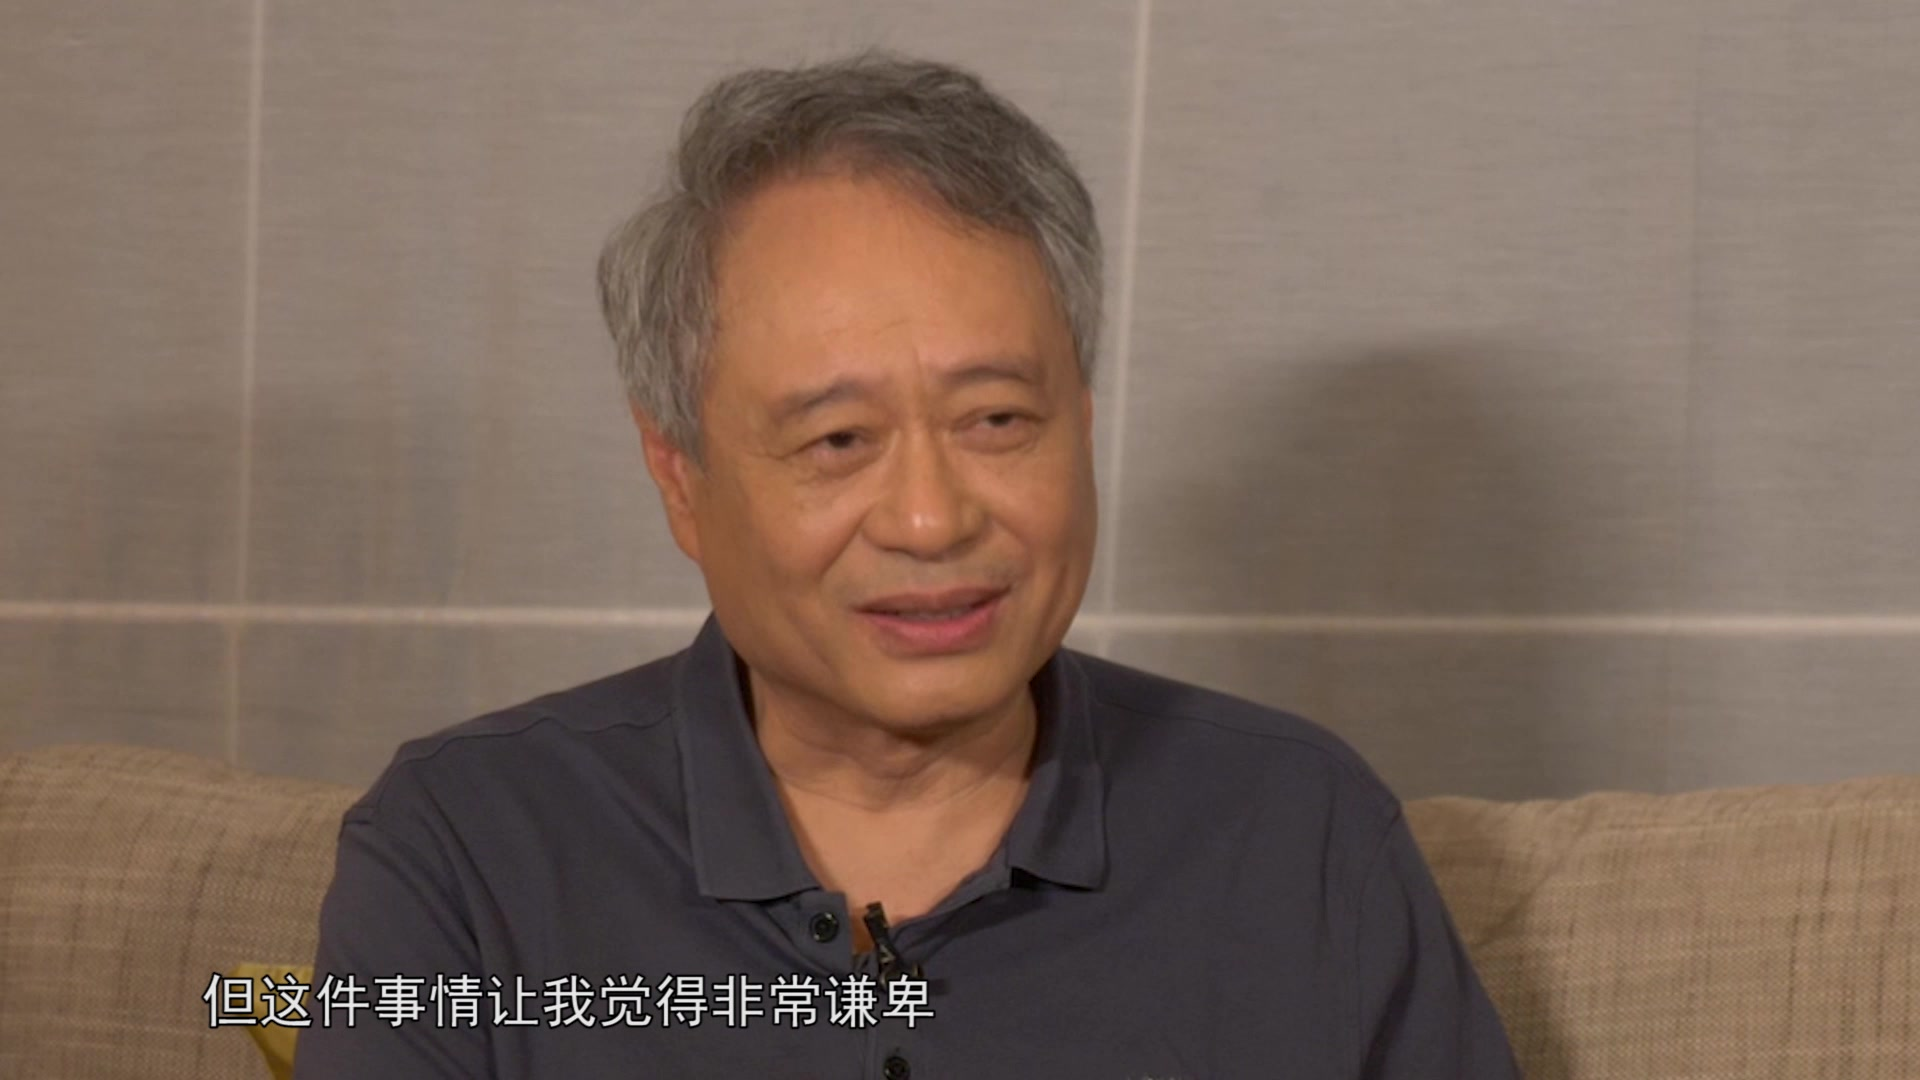 独家专访李安(上):拍《双子杀手》像回顾自己生命